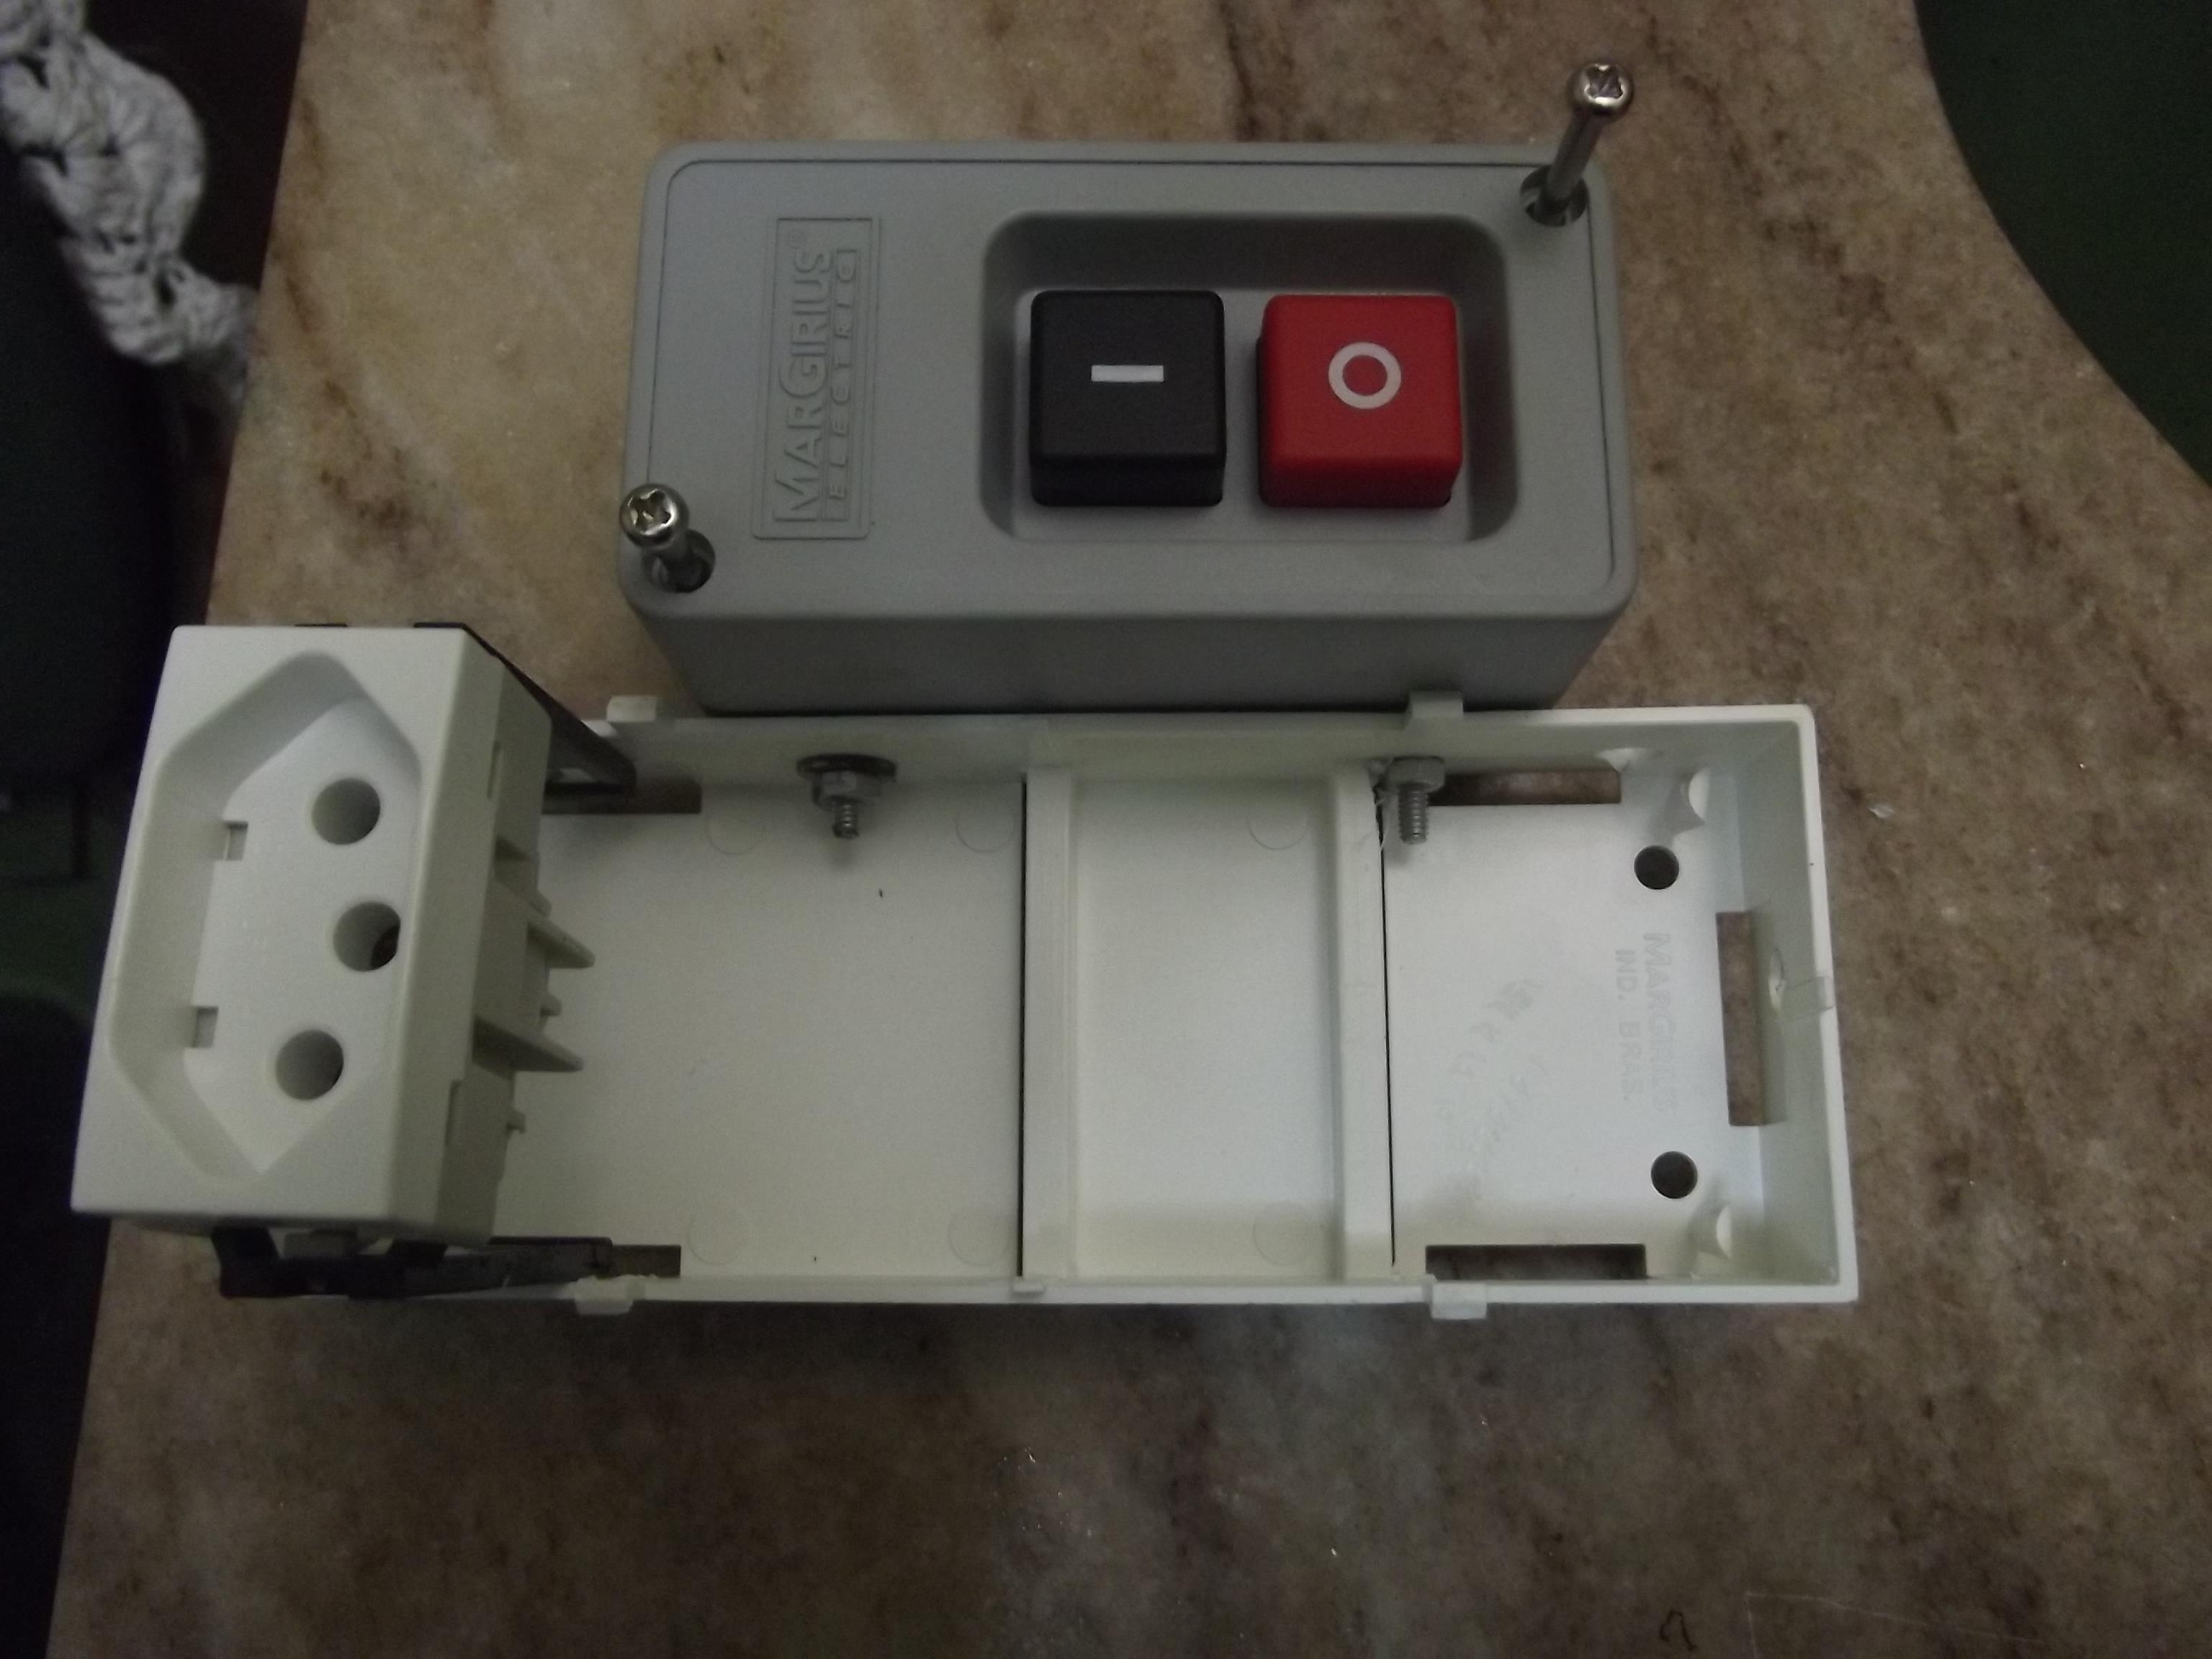 A Caixa de Montagem do Aparelho. Formada pela caixa de tomada e Disjuntor, Parafusada à Caixa da Chave de Botão Liga e Desliga.